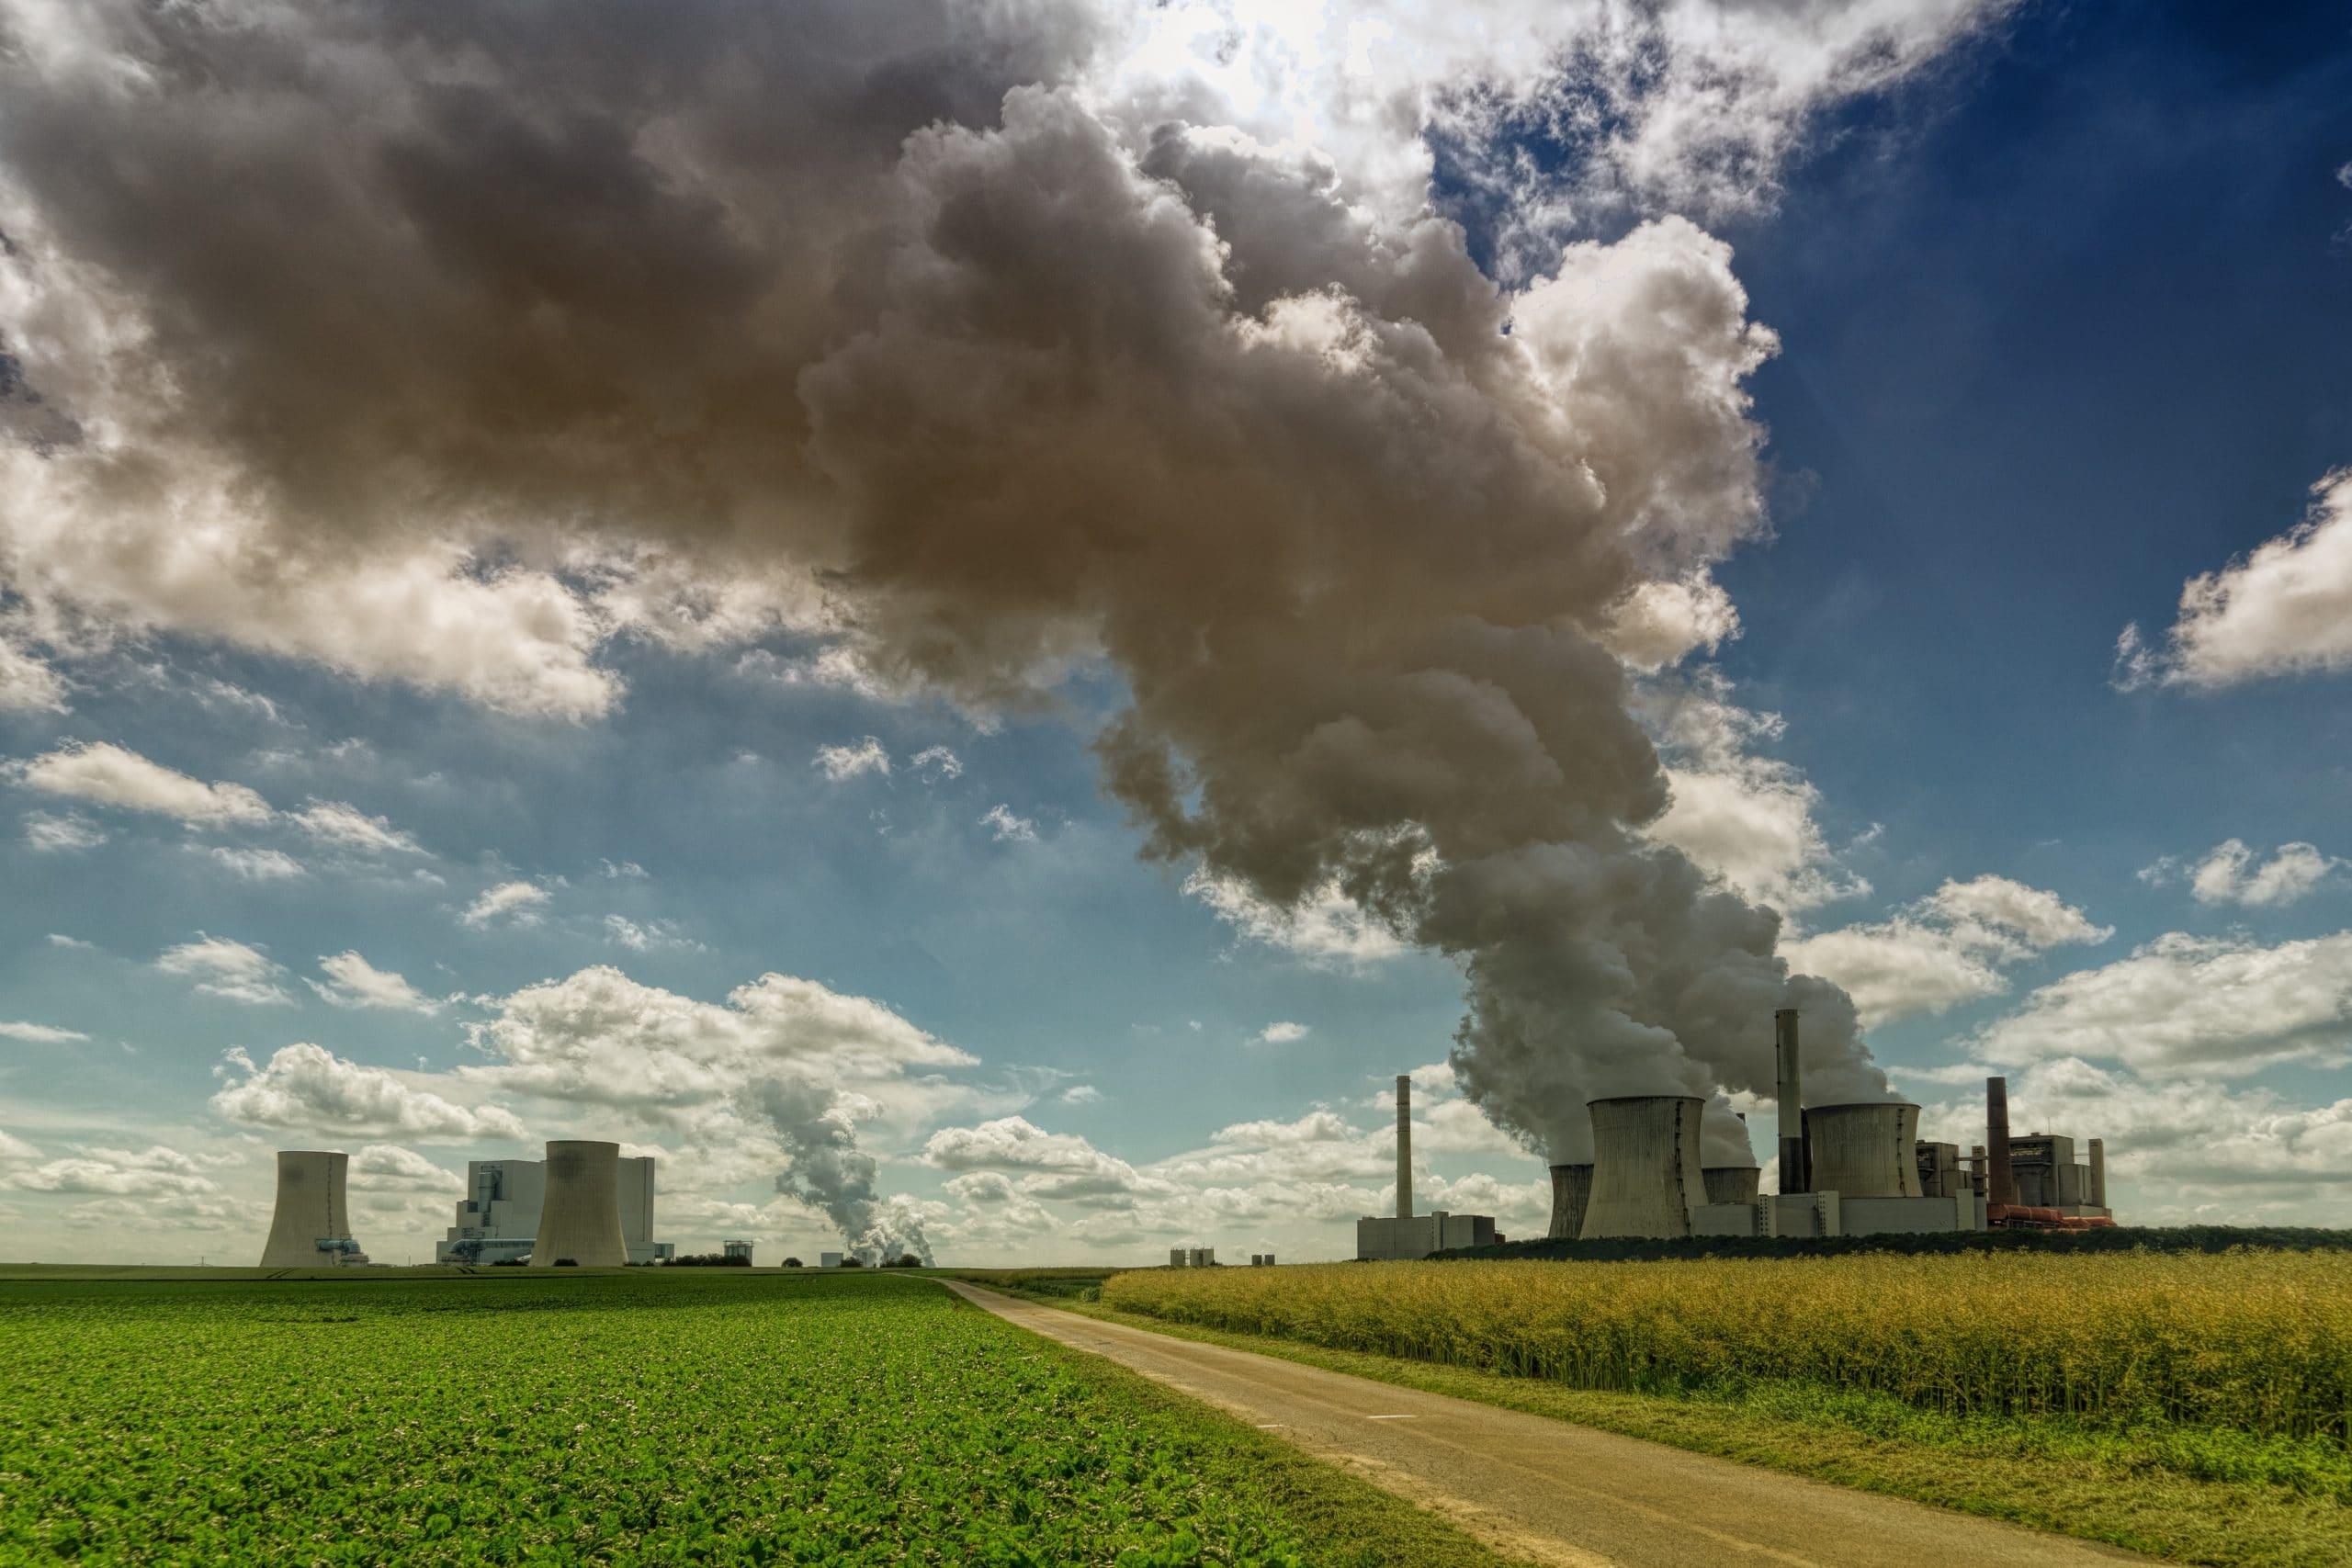 Fumaça de usina sendo liberada